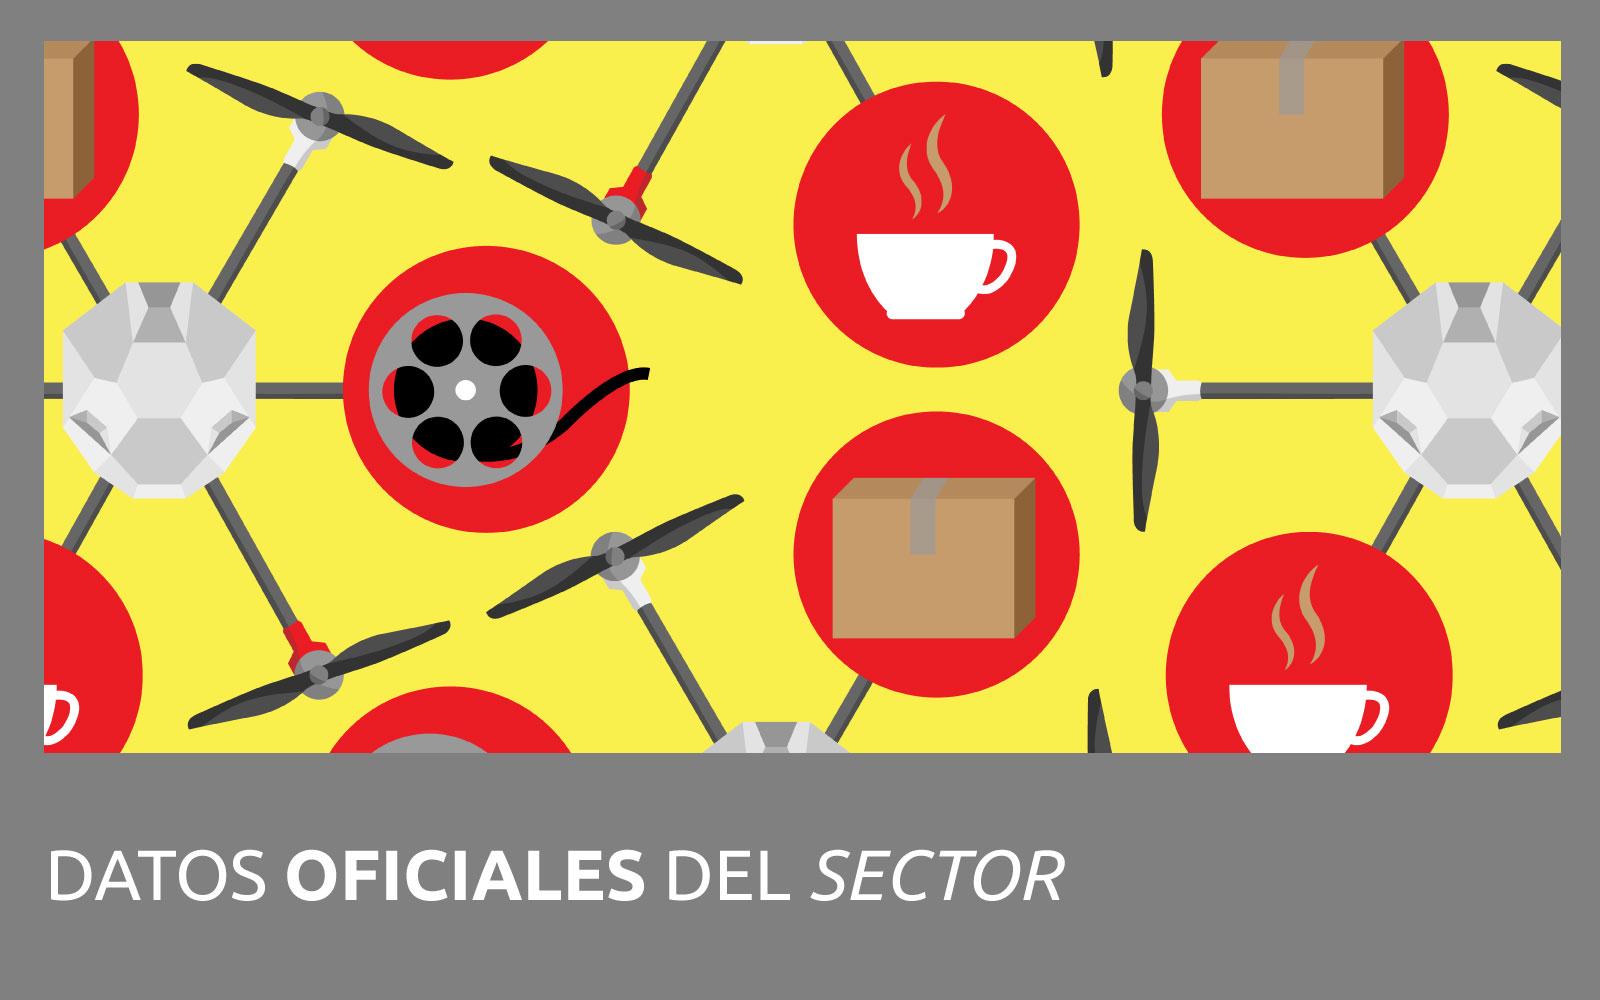 Usos de los drones en España